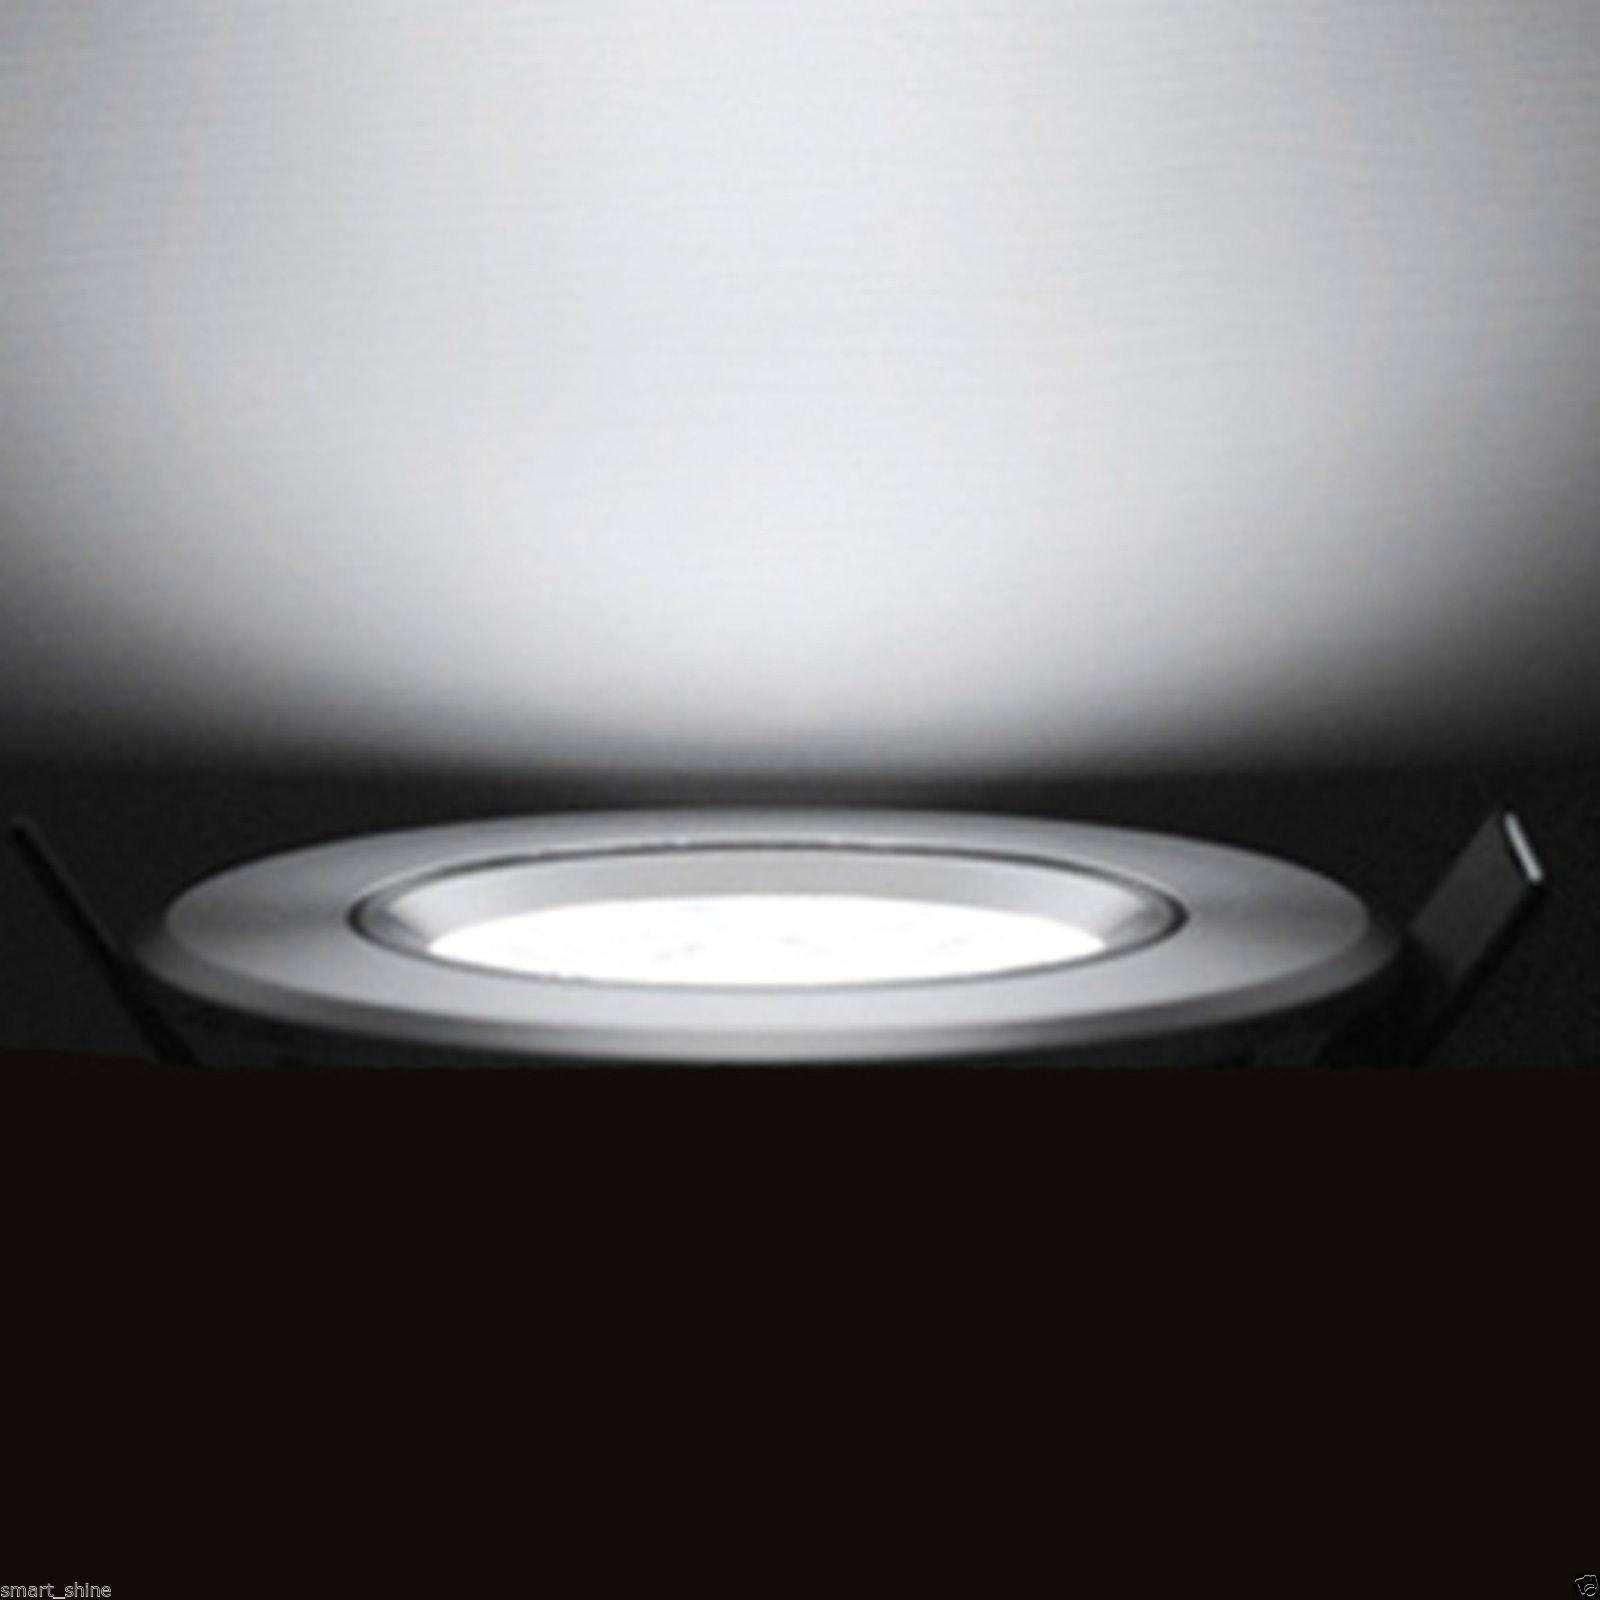 7w LED Luce verso il basso soffitto a Incasso Lampada Riflettore in bianco caldo/freddo con ...